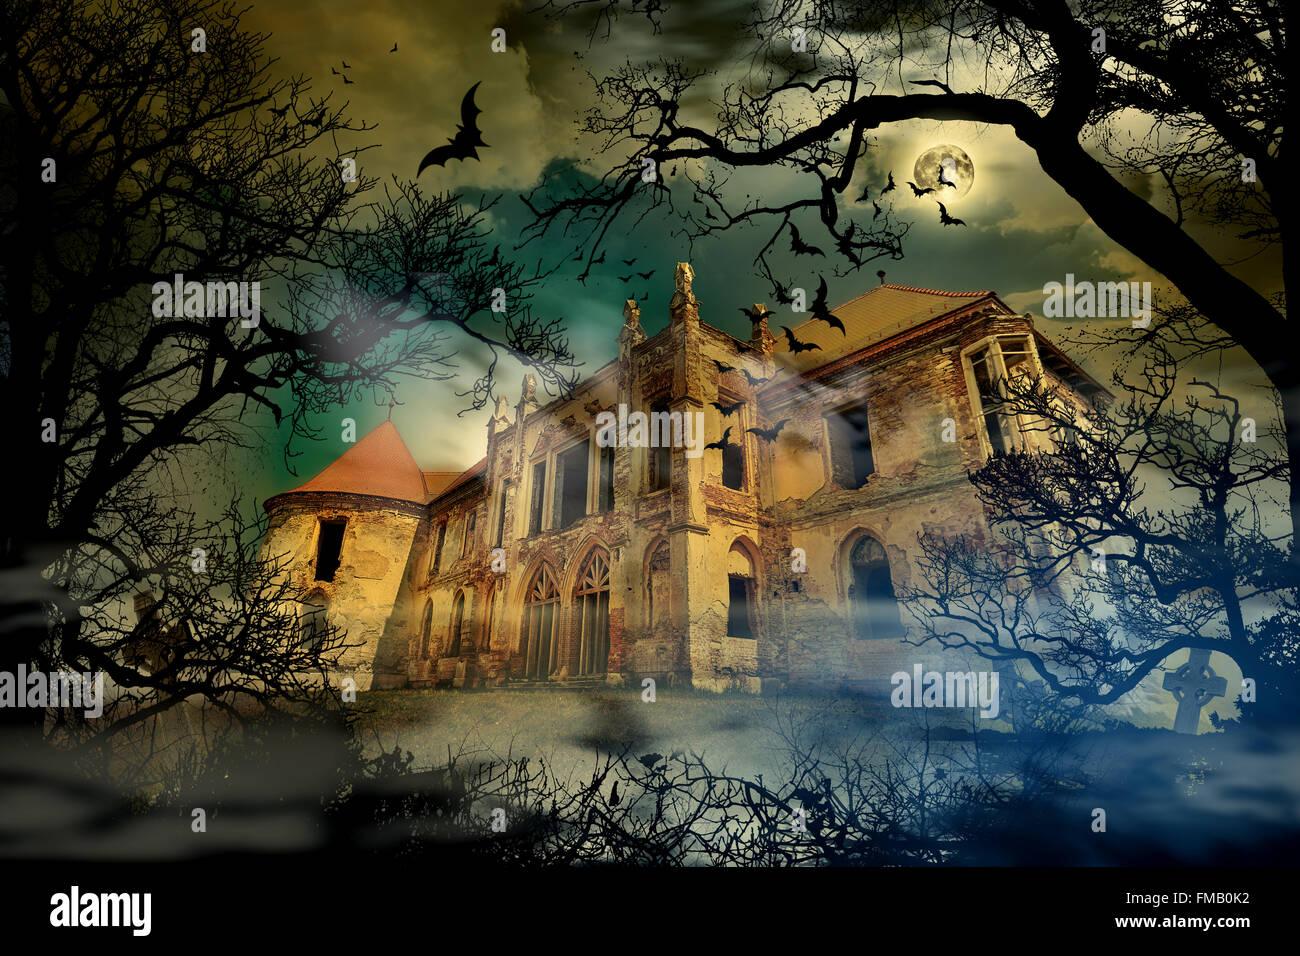 Haunted castle in creepy sfondo velato con sagome ad albero. Immagini Stock